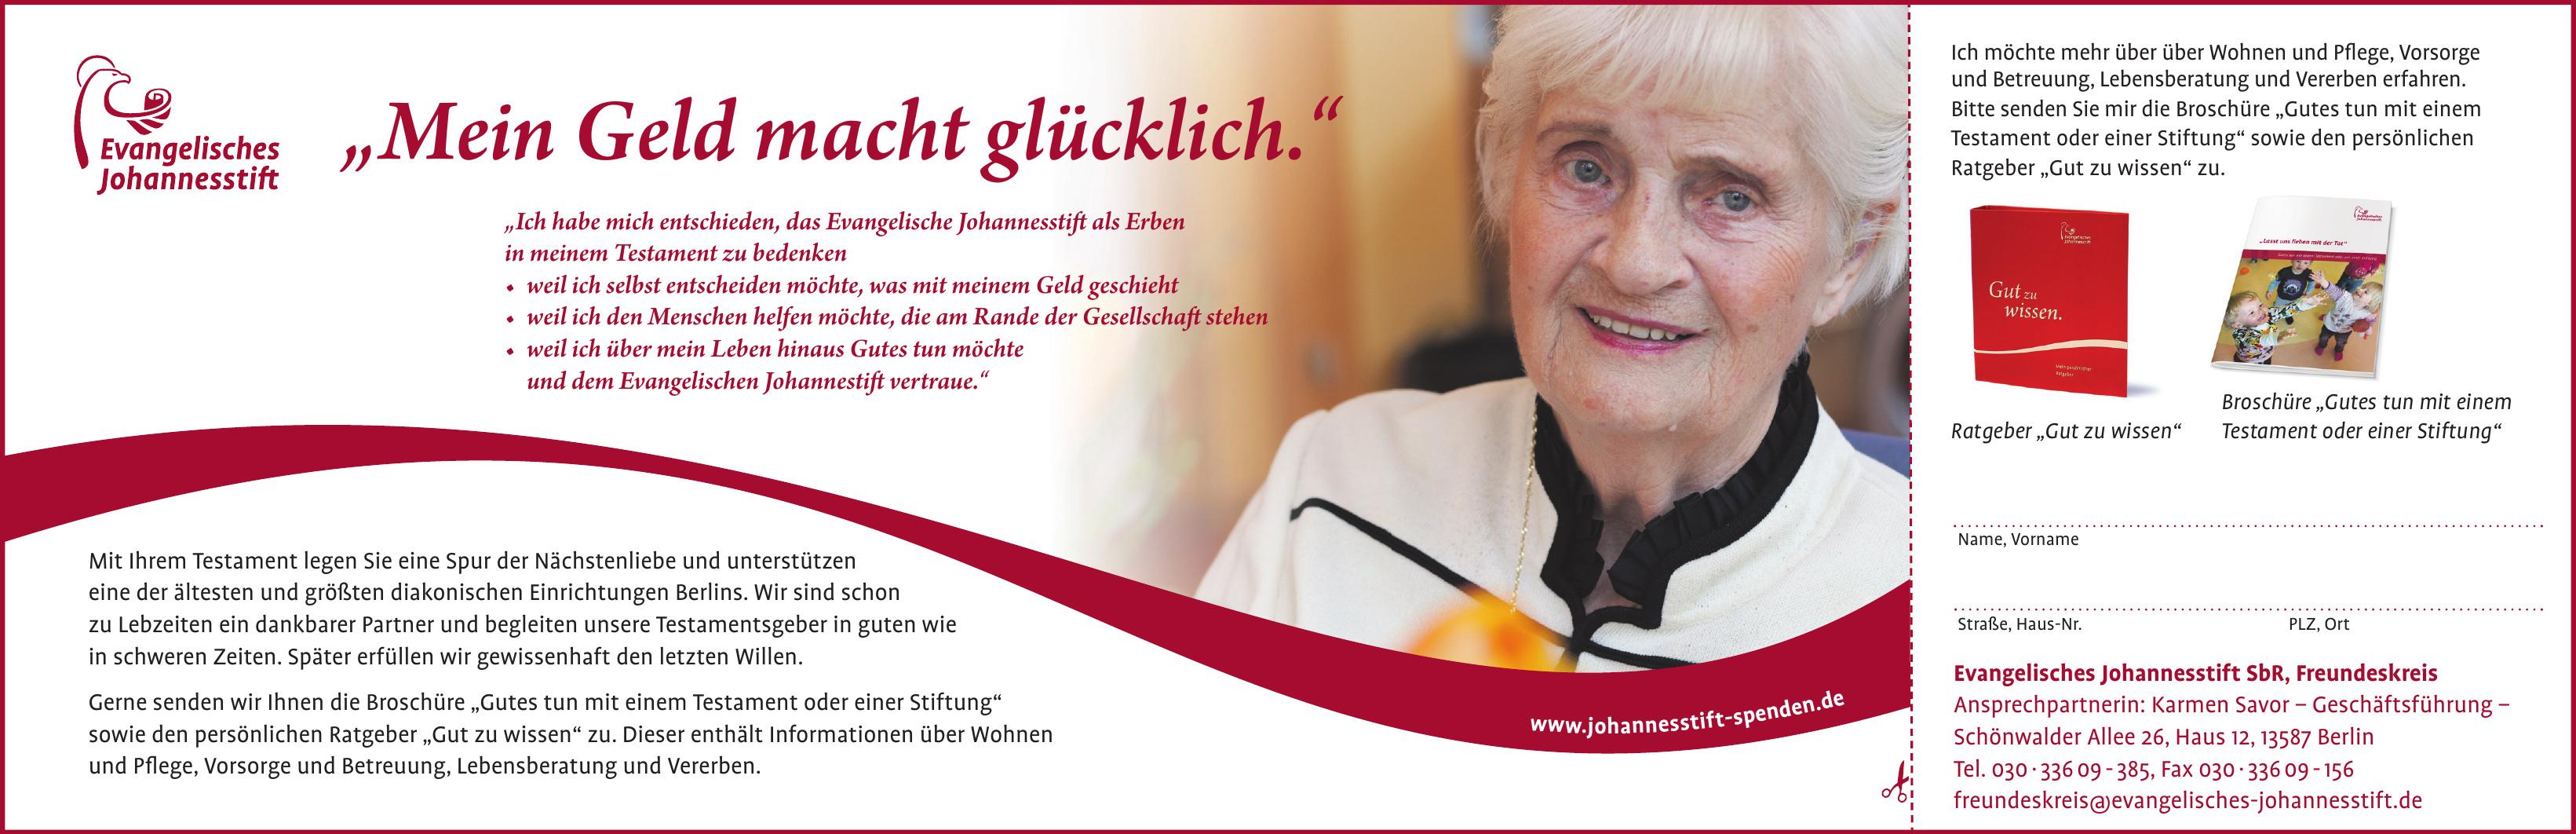 Evangelisches Johannesstift SbR Freundeskreis